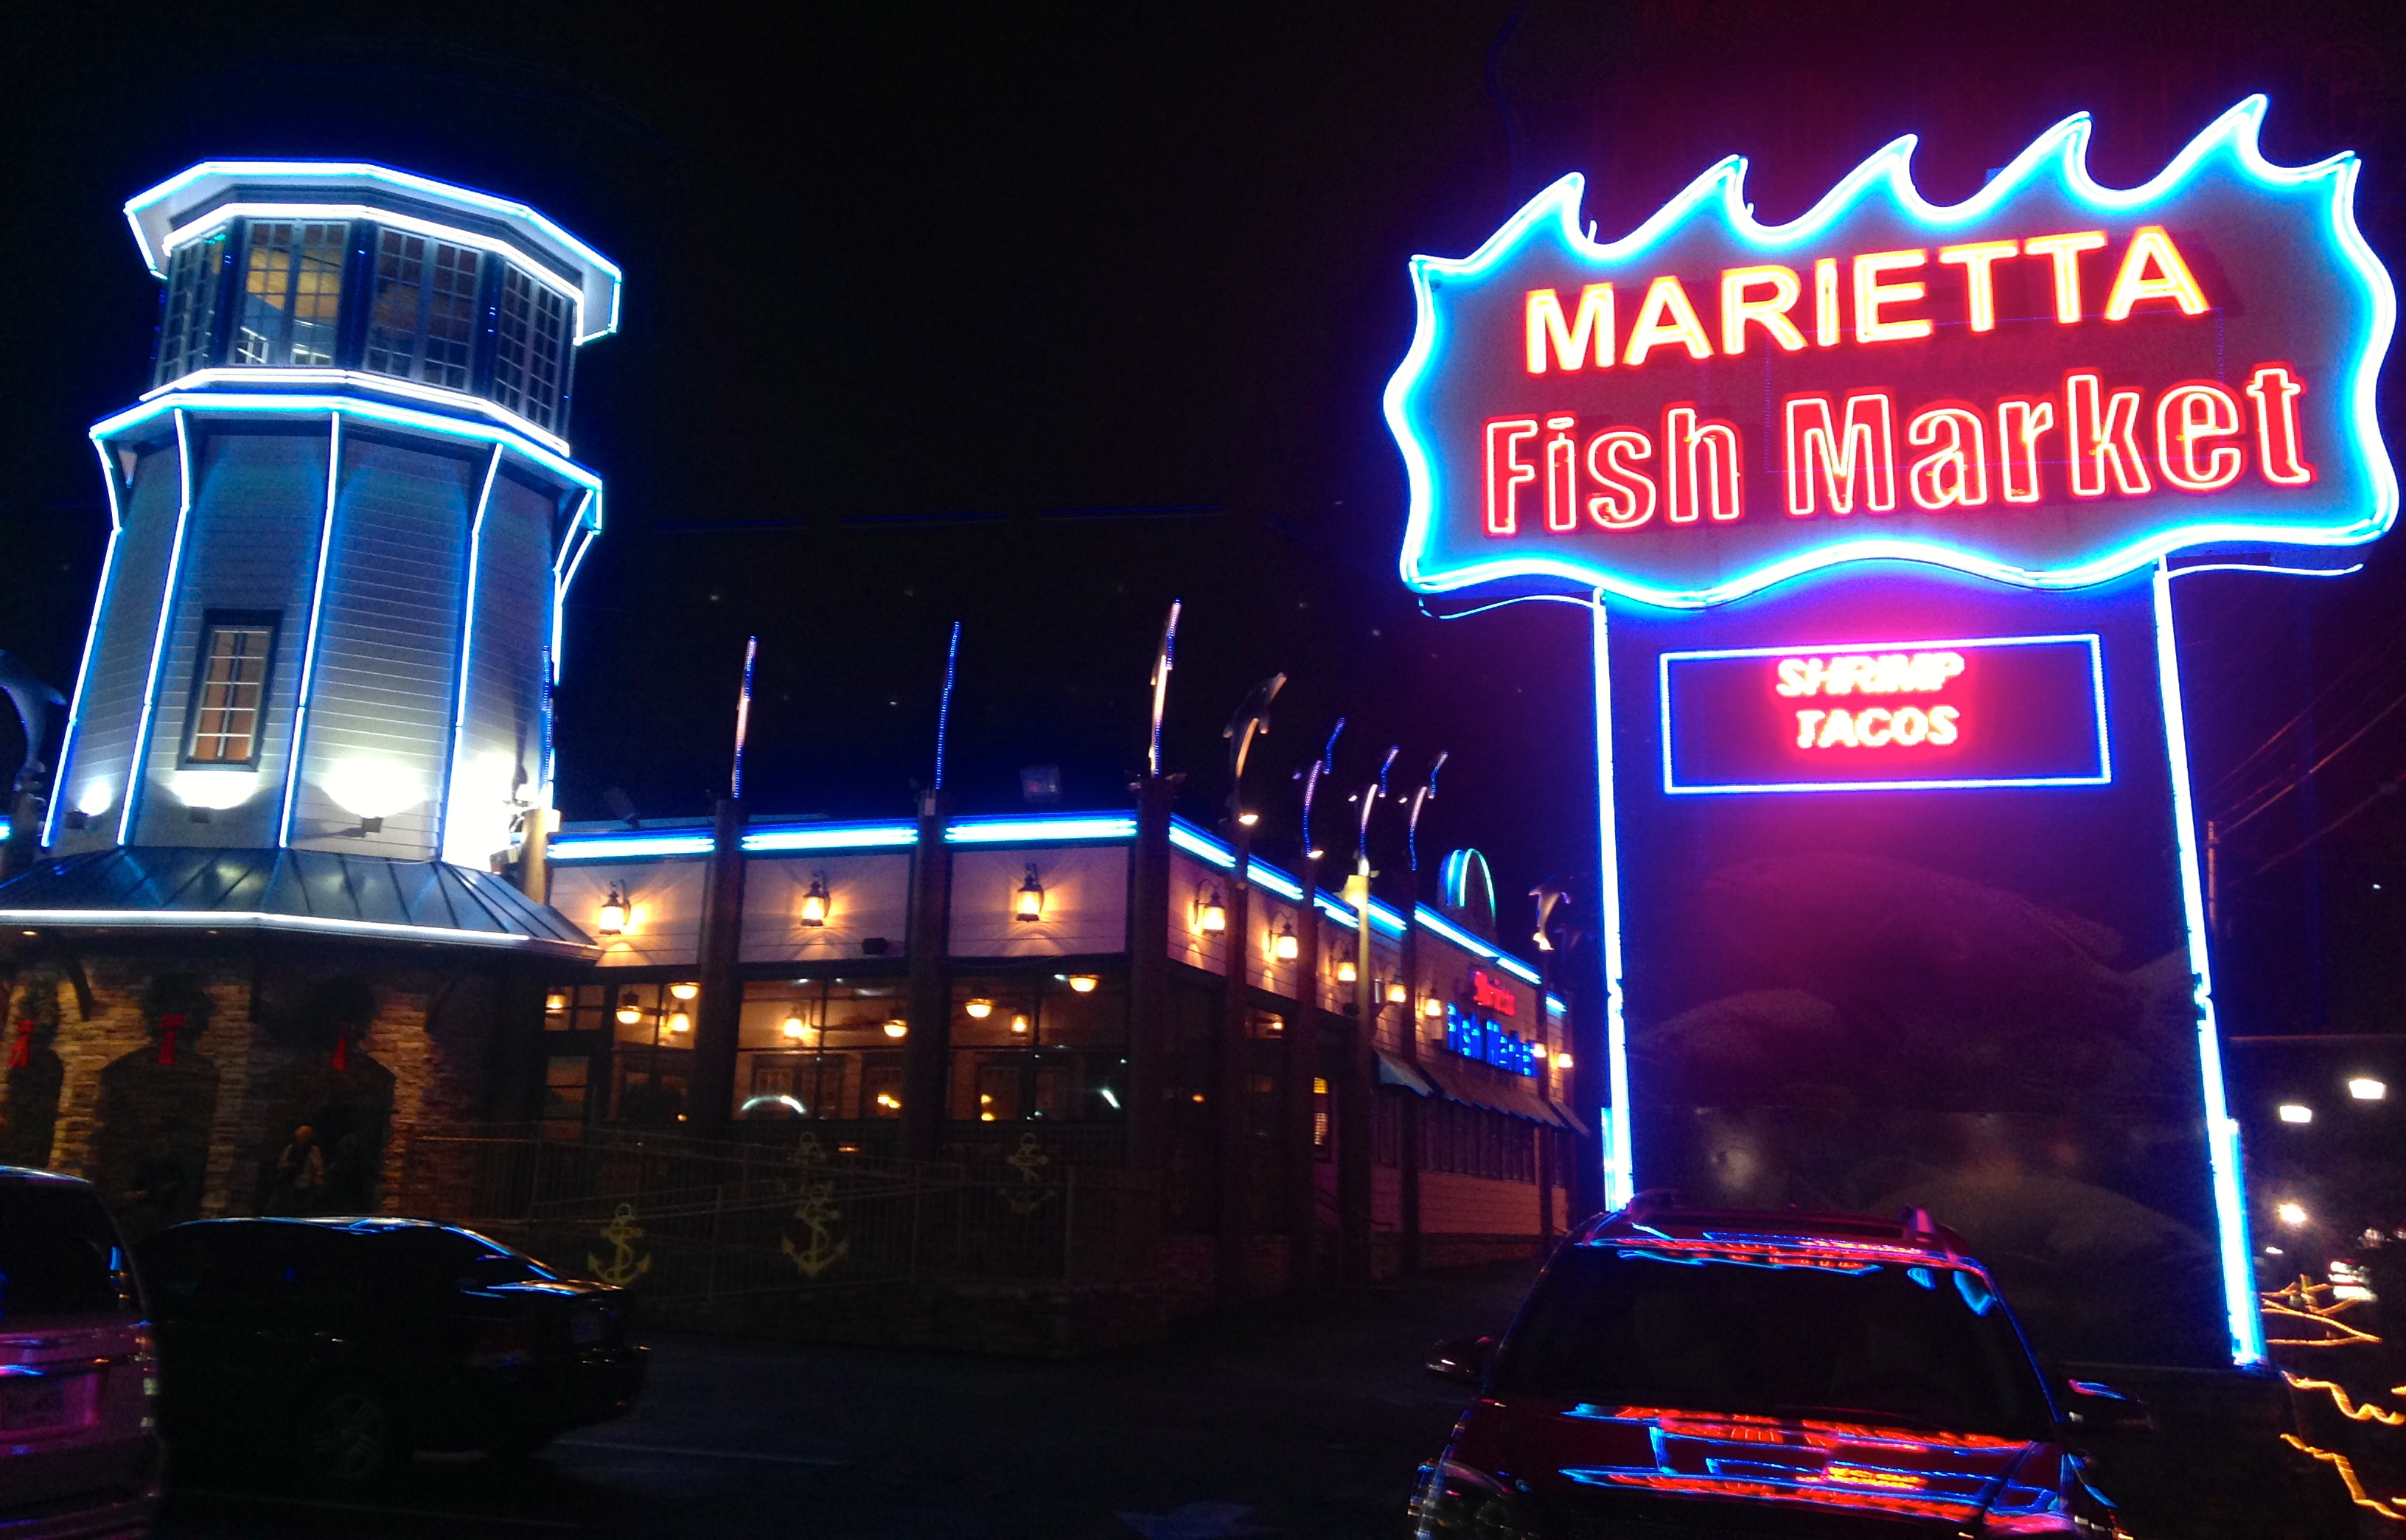 Marietta fish market friday date night for Marietta fish market menu